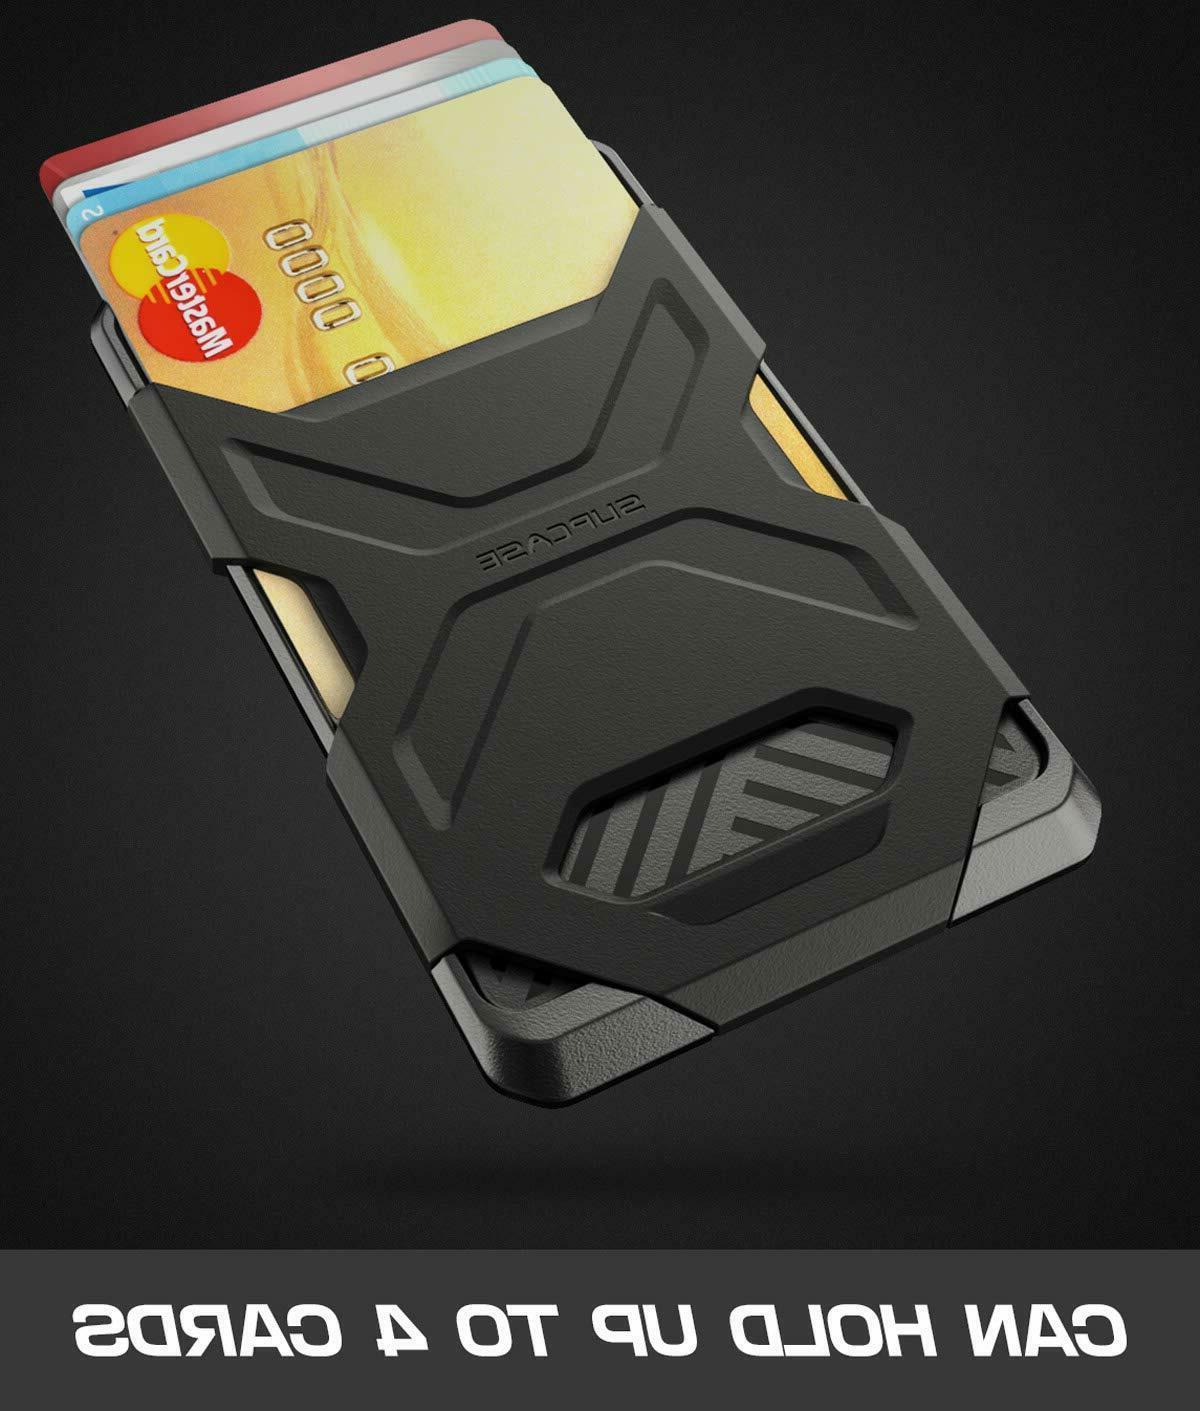 SUPCASE Smartphone Case Silicone Sticker Ultra